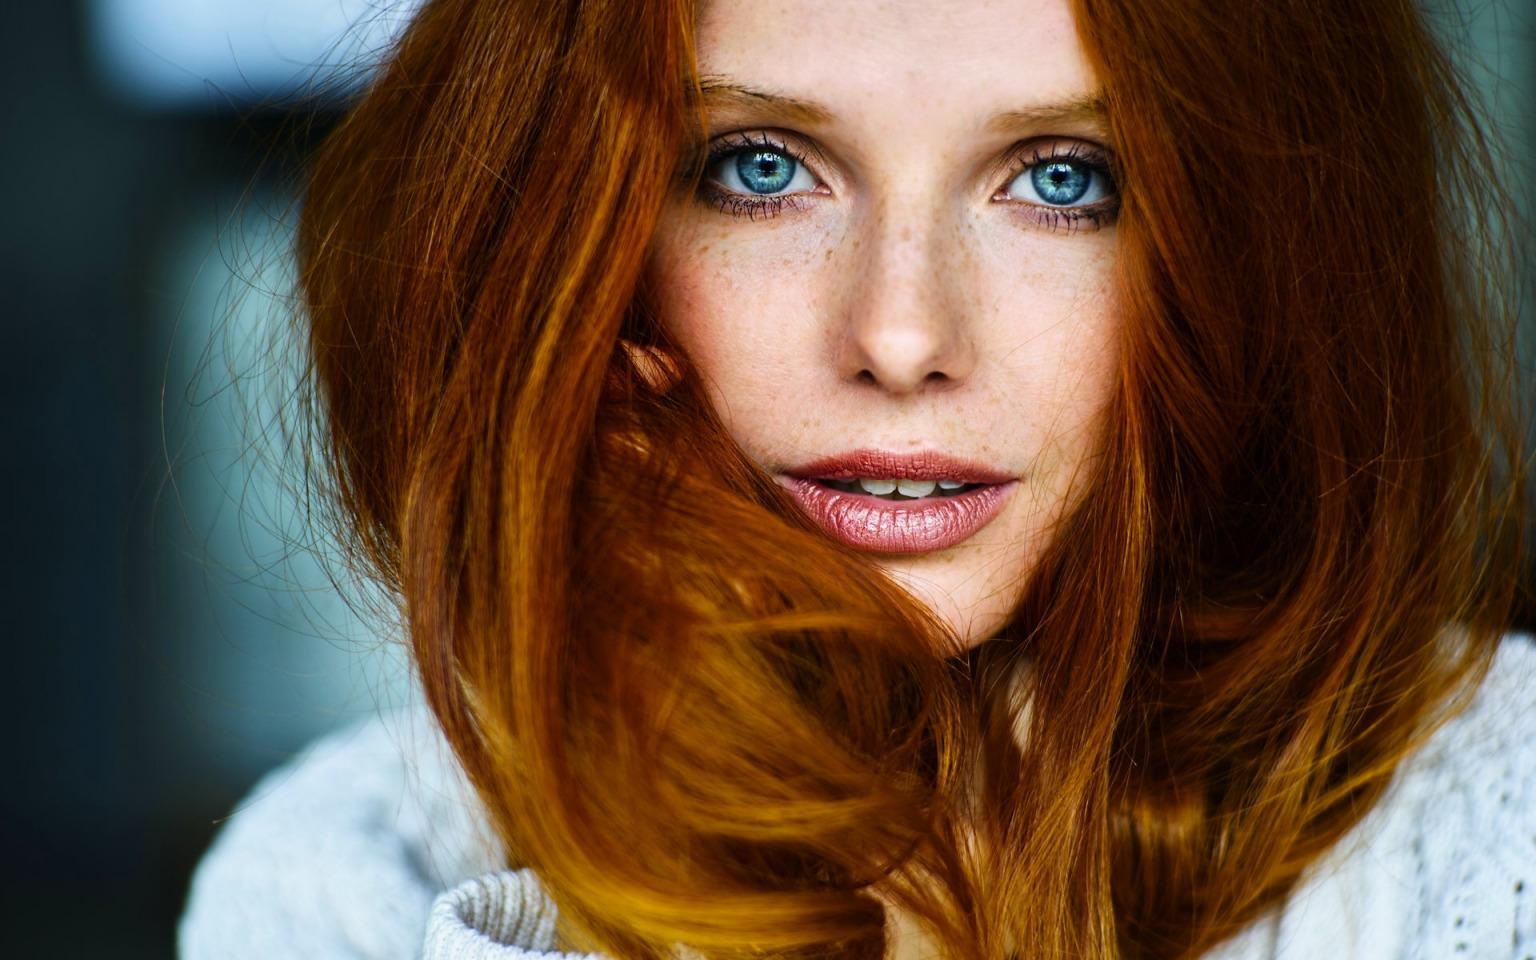 Рыжеволосые и голубоглазые девушки фото